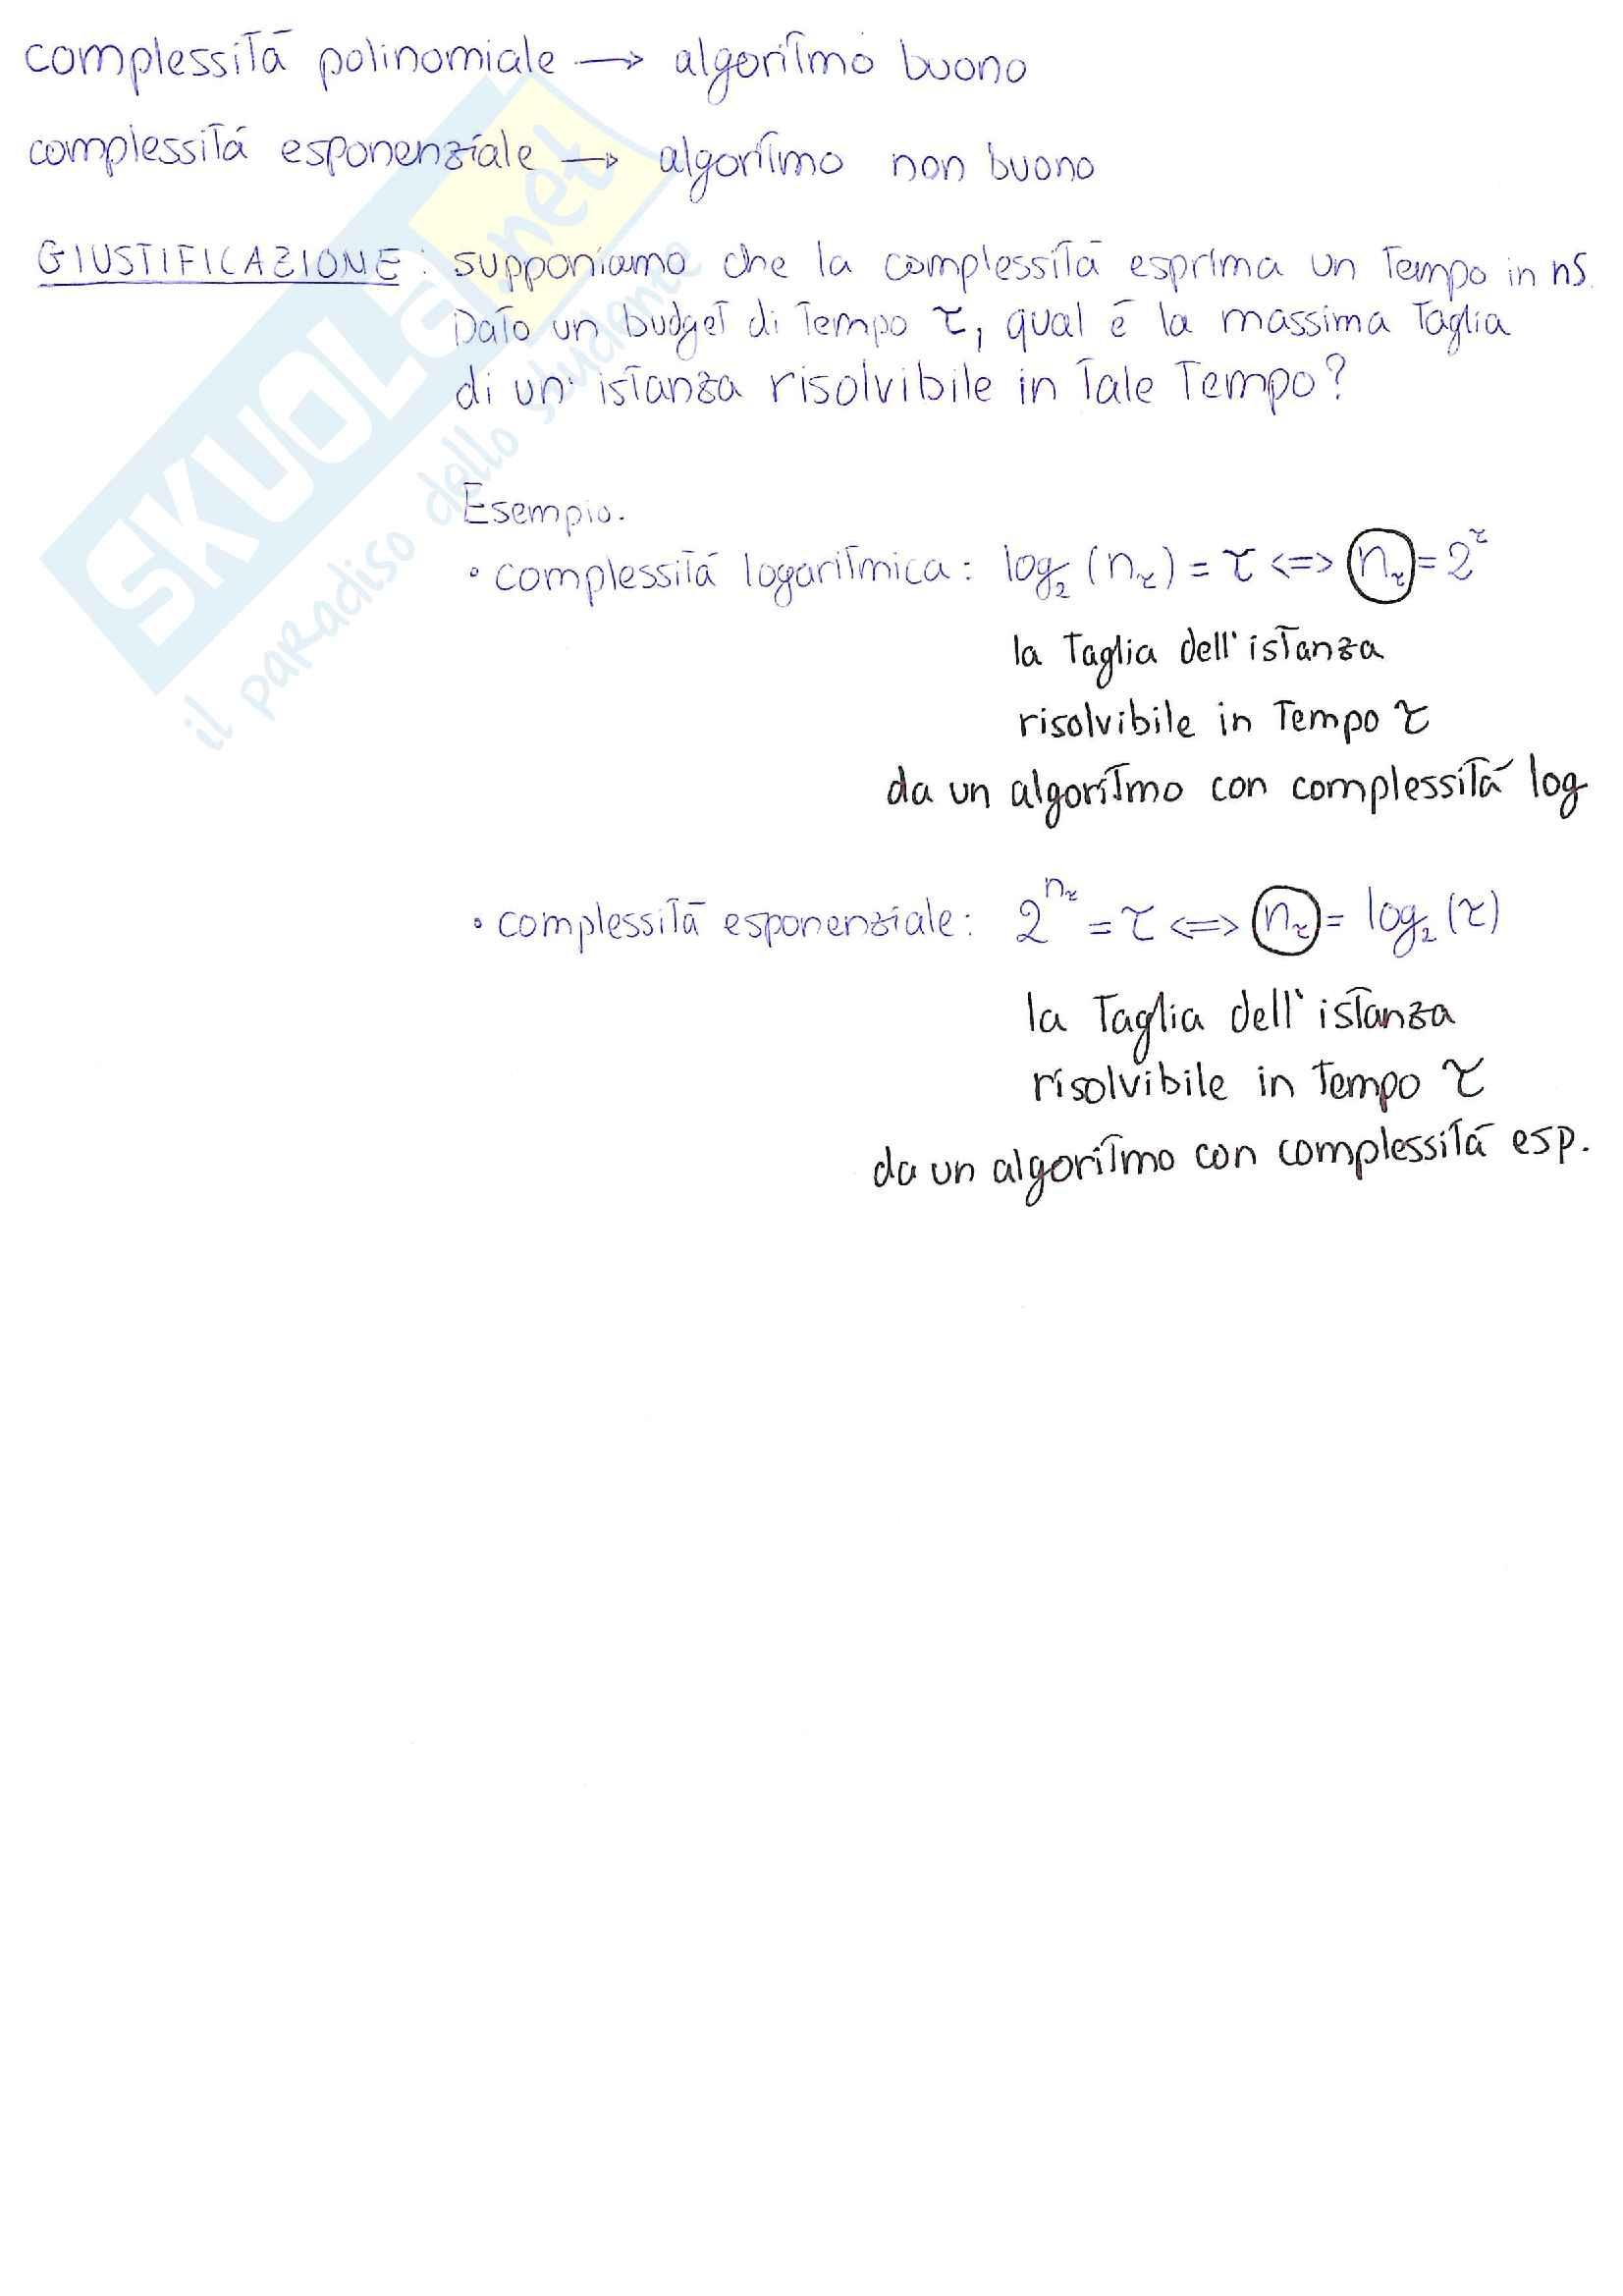 Dati e Algoritmi 1 - appunti essenziali ed esercizi Pag. 6